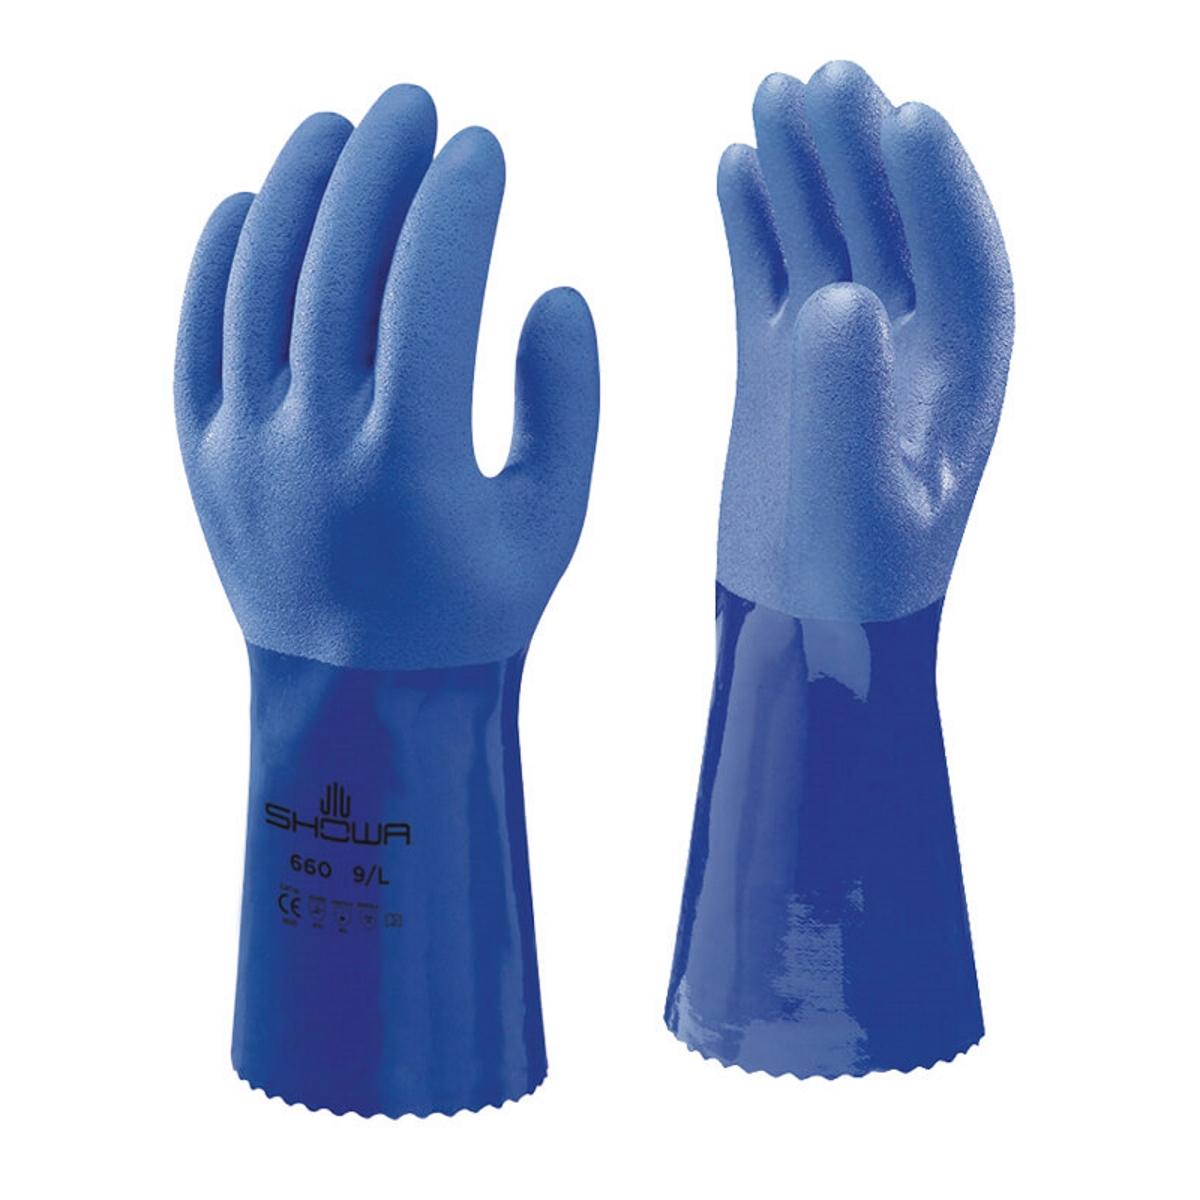 Showa Blue PVC Gauntlet, 14″ long